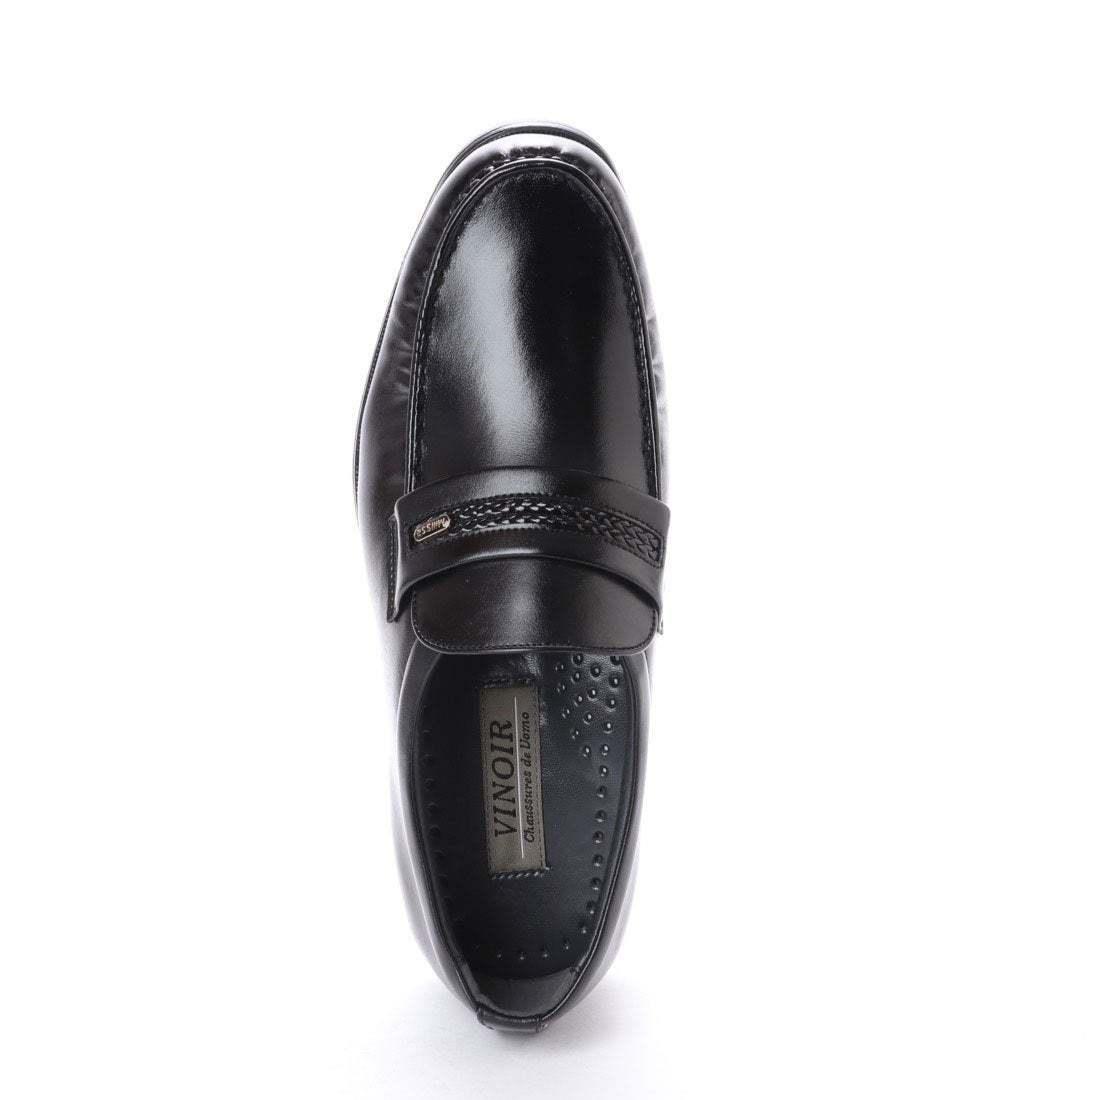 【安い】 超軽量 紳士靴 メンズ ビジネスシューズ スリッポン モカシン ウォーキングシューズ 幅広 4E 抗菌 防臭 1011 ブラック 黒 25.0cm